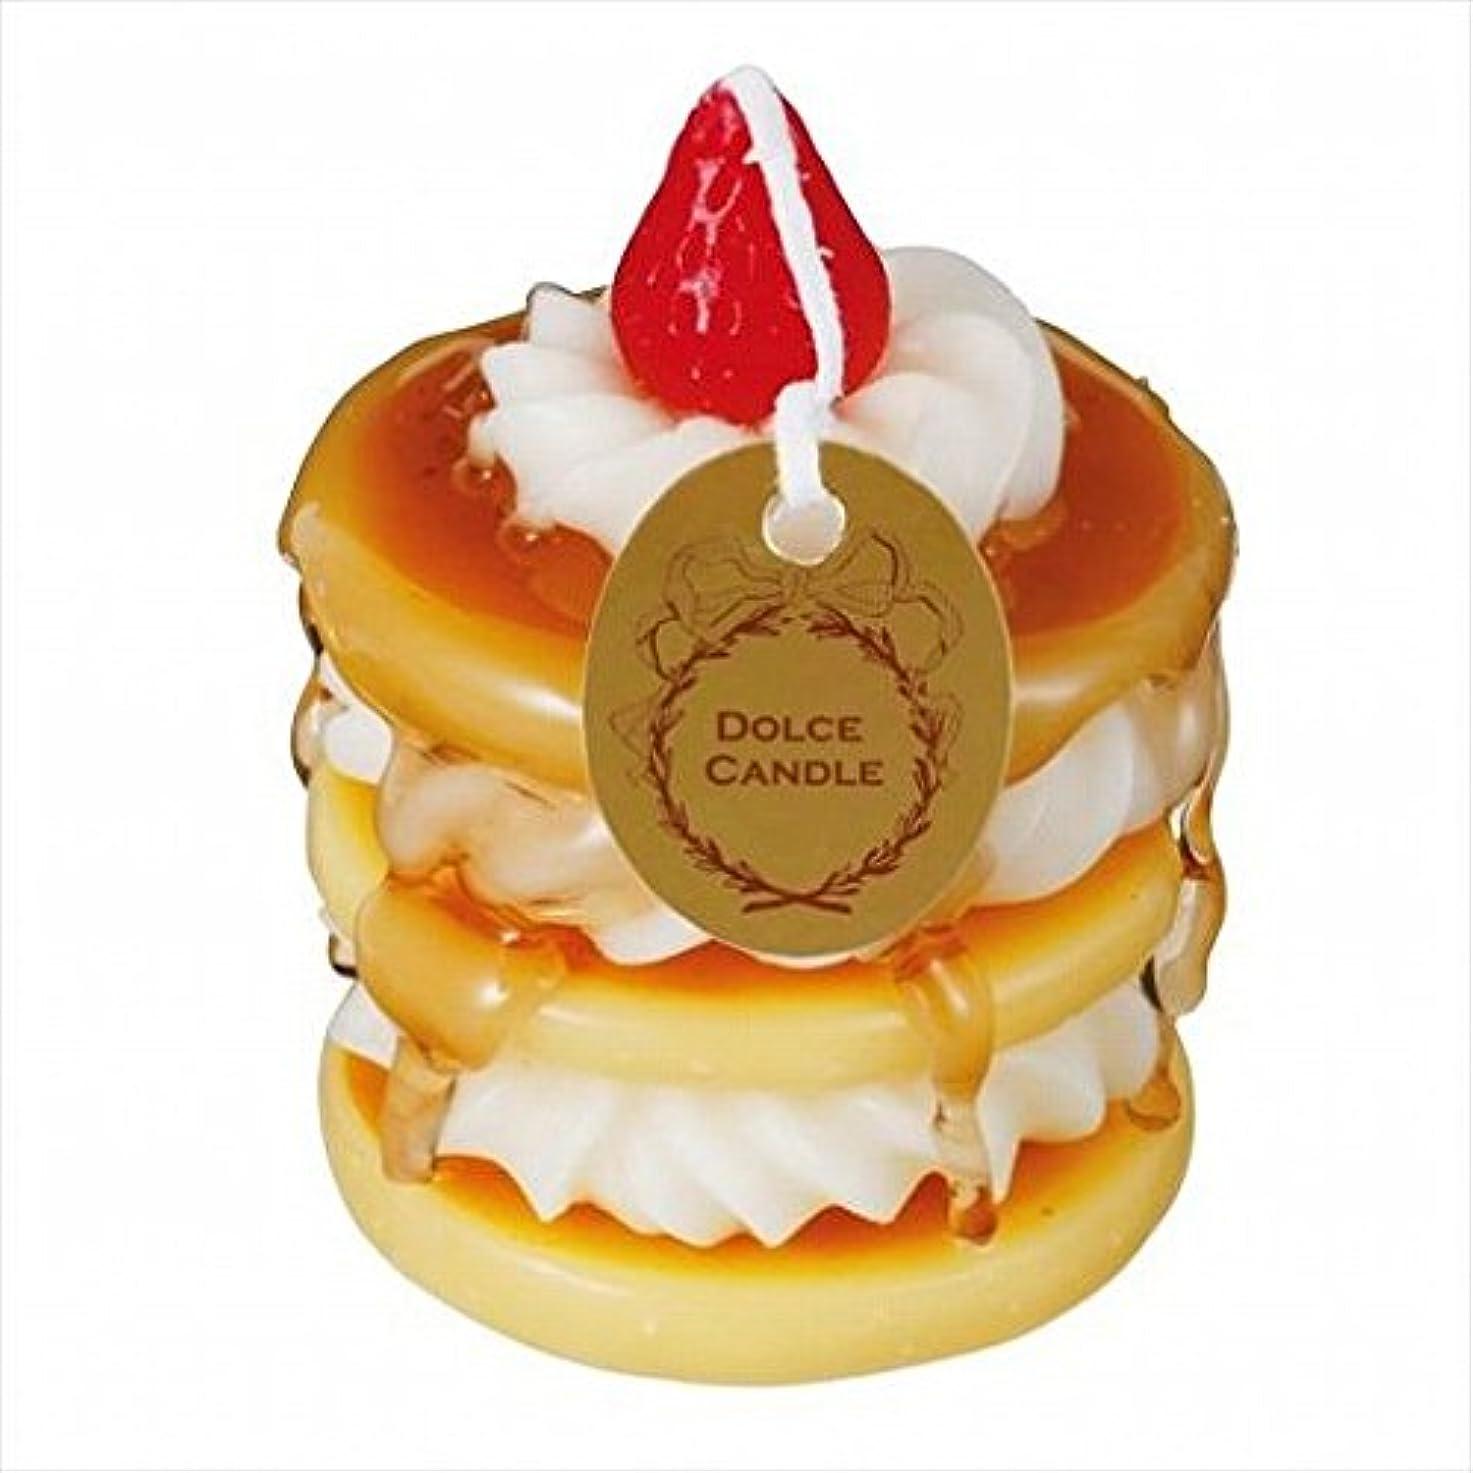 列挙するこれまでリマsweets candle(スイーツキャンドル) ドルチェキャンドル 「 パンケーキ 」 キャンドル 56x56x80mm (A4340550)